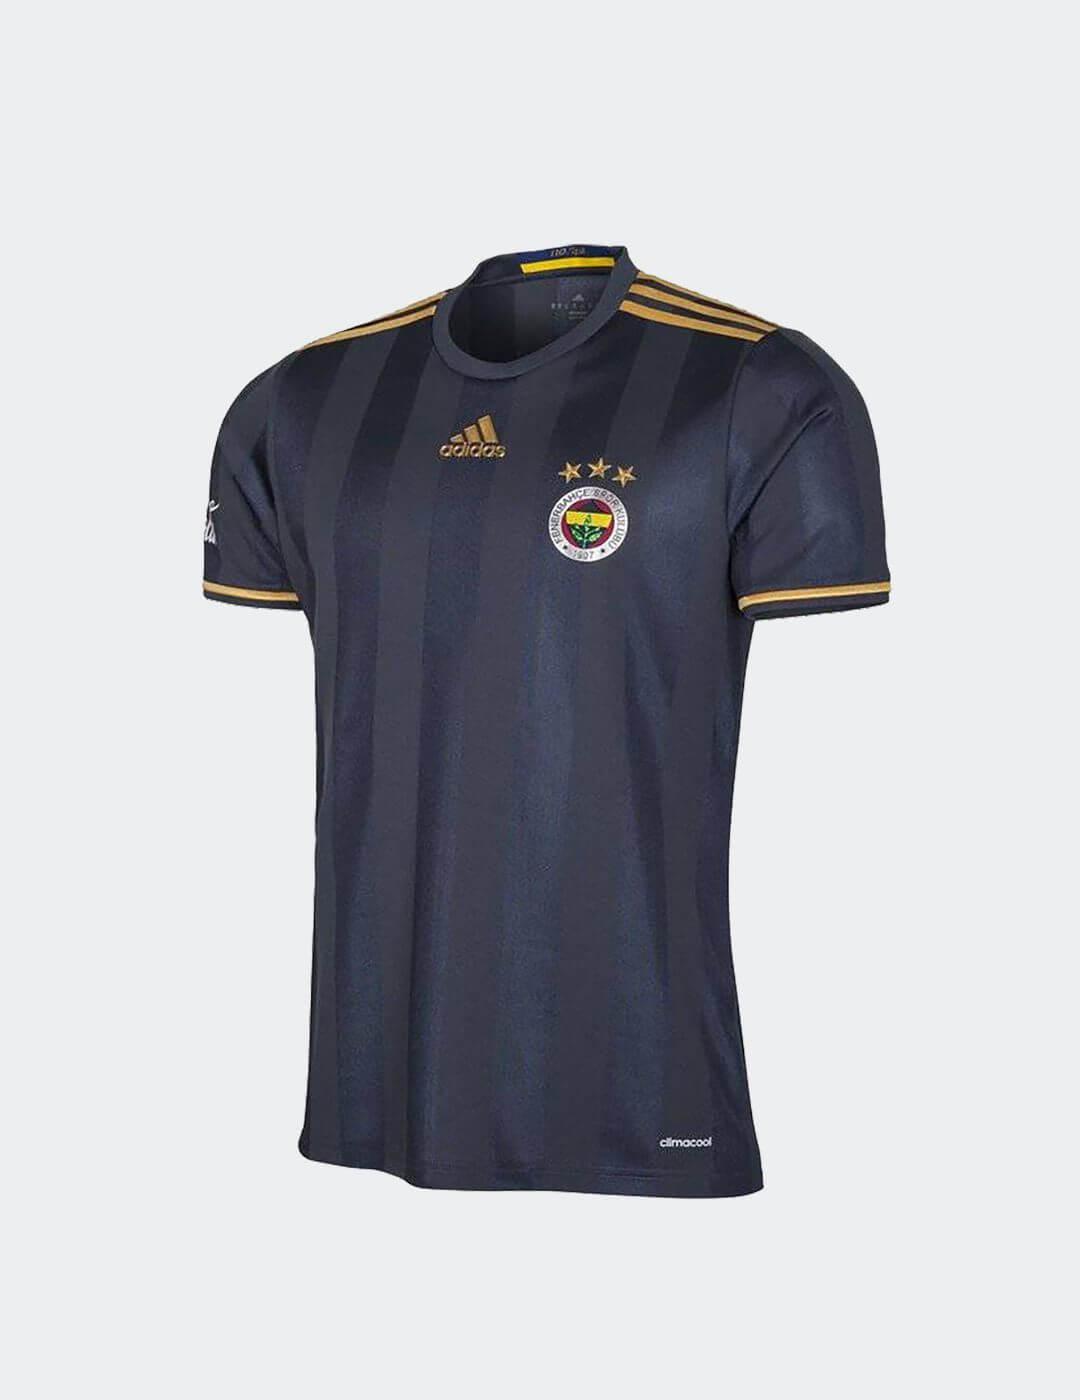 Çocuk Gri Fenerbahçe 110. Yıl Third Maç Forması